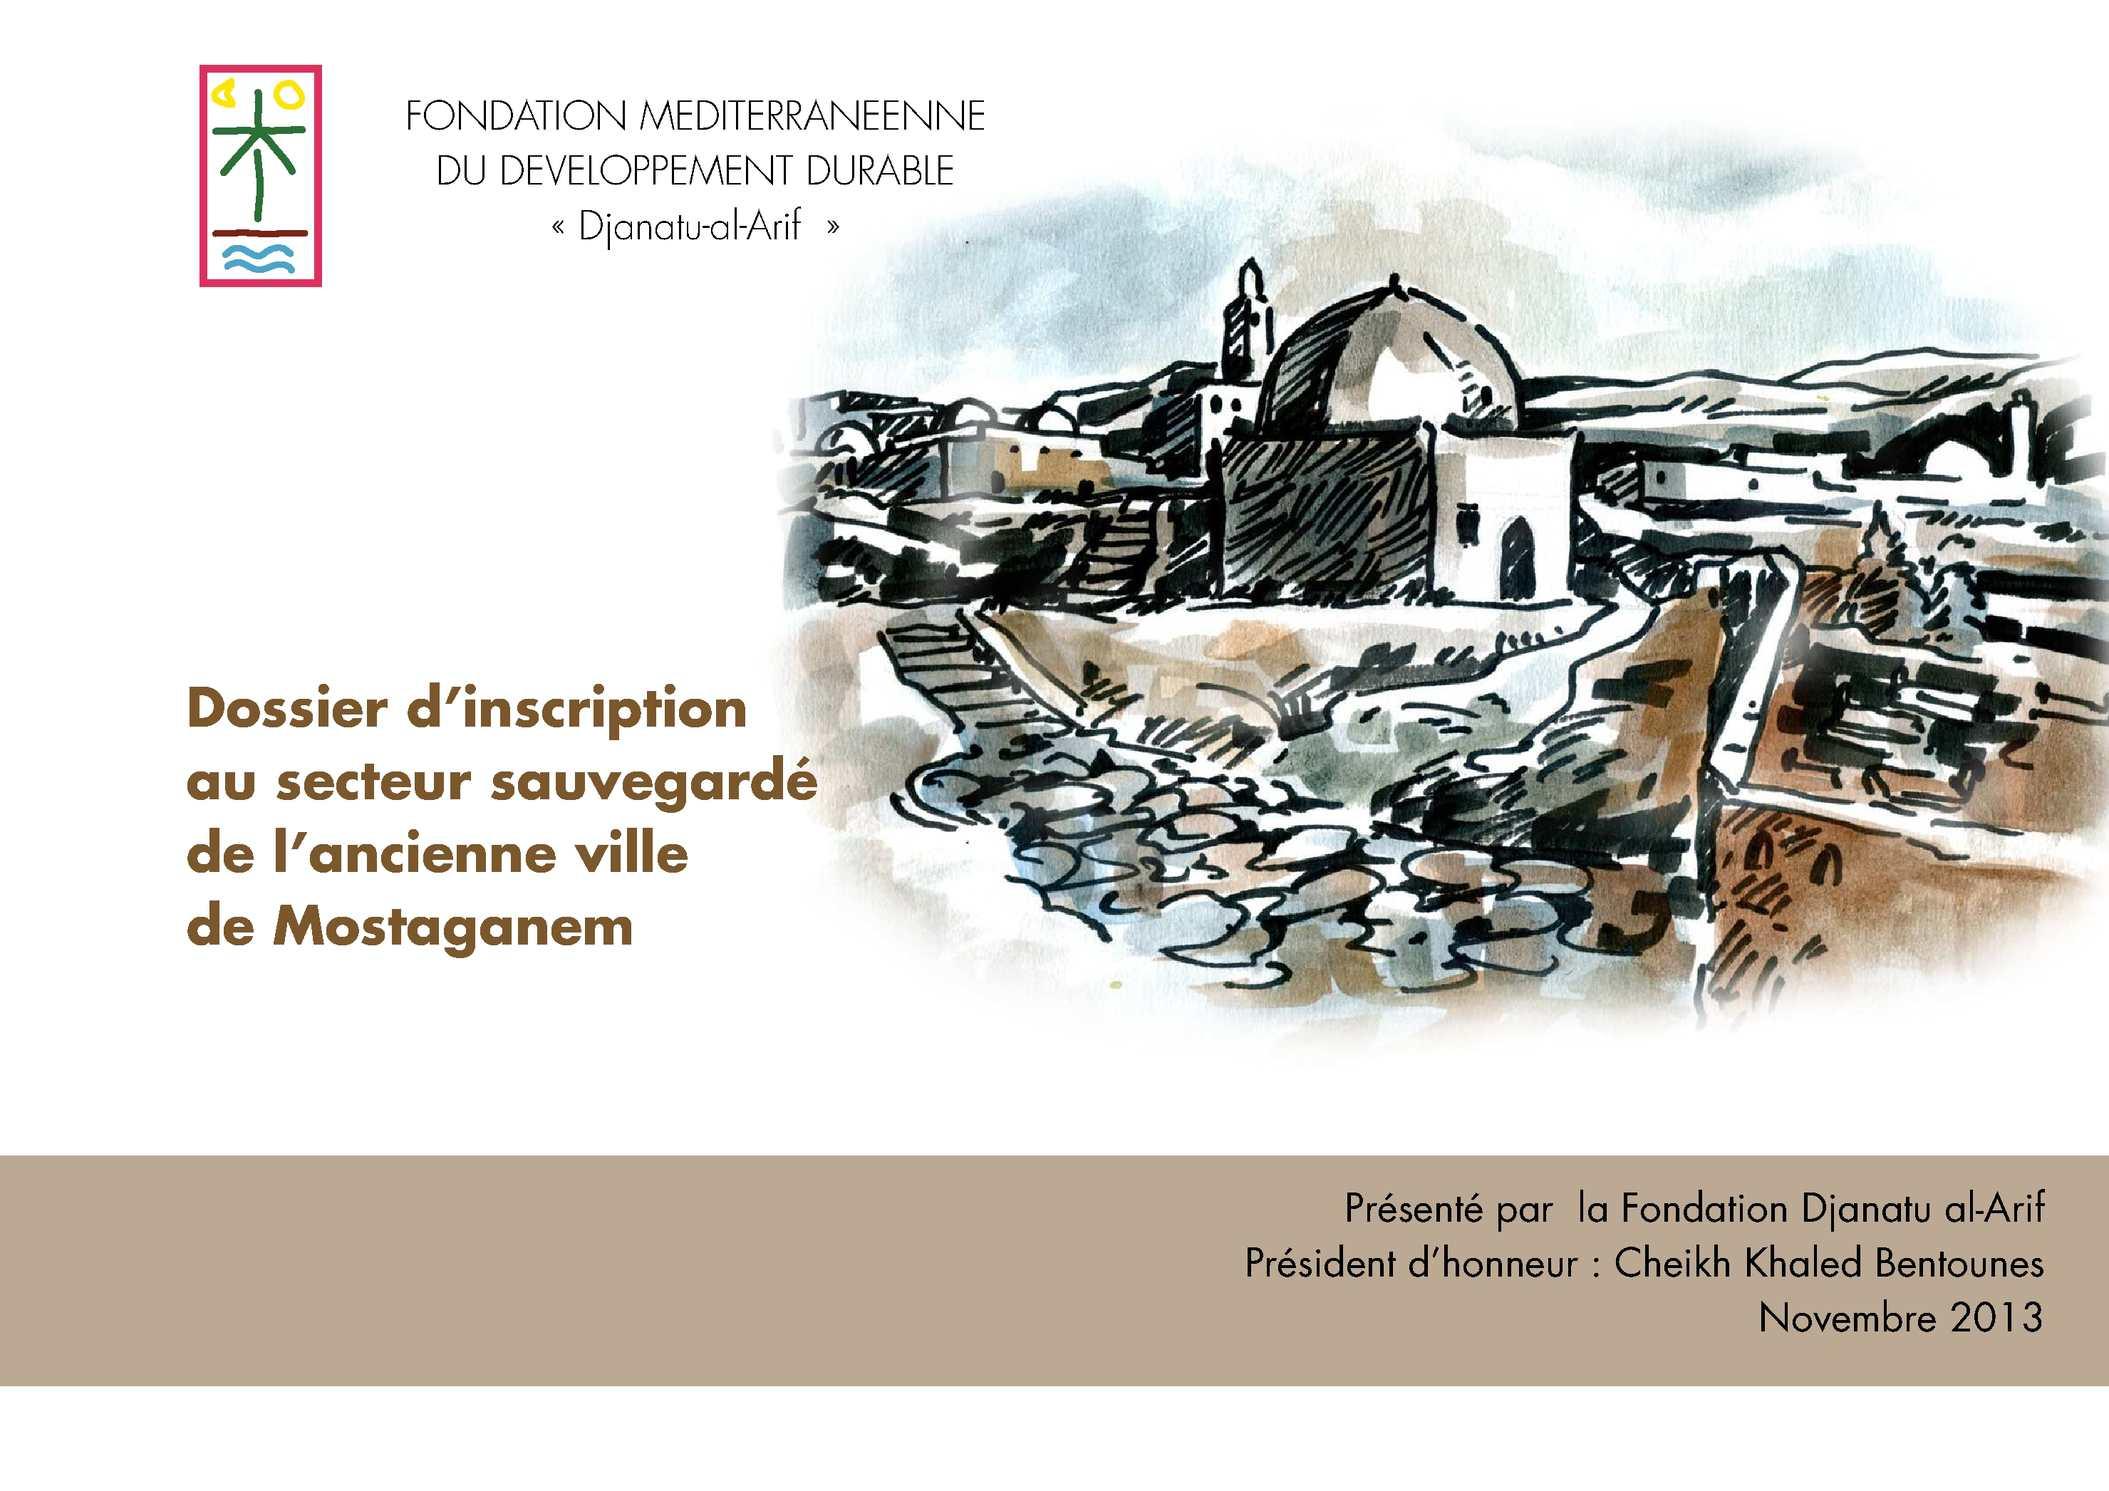 Dossier d'inscription au secteur sauvegardé de l'ancienne ville de Mostaganem